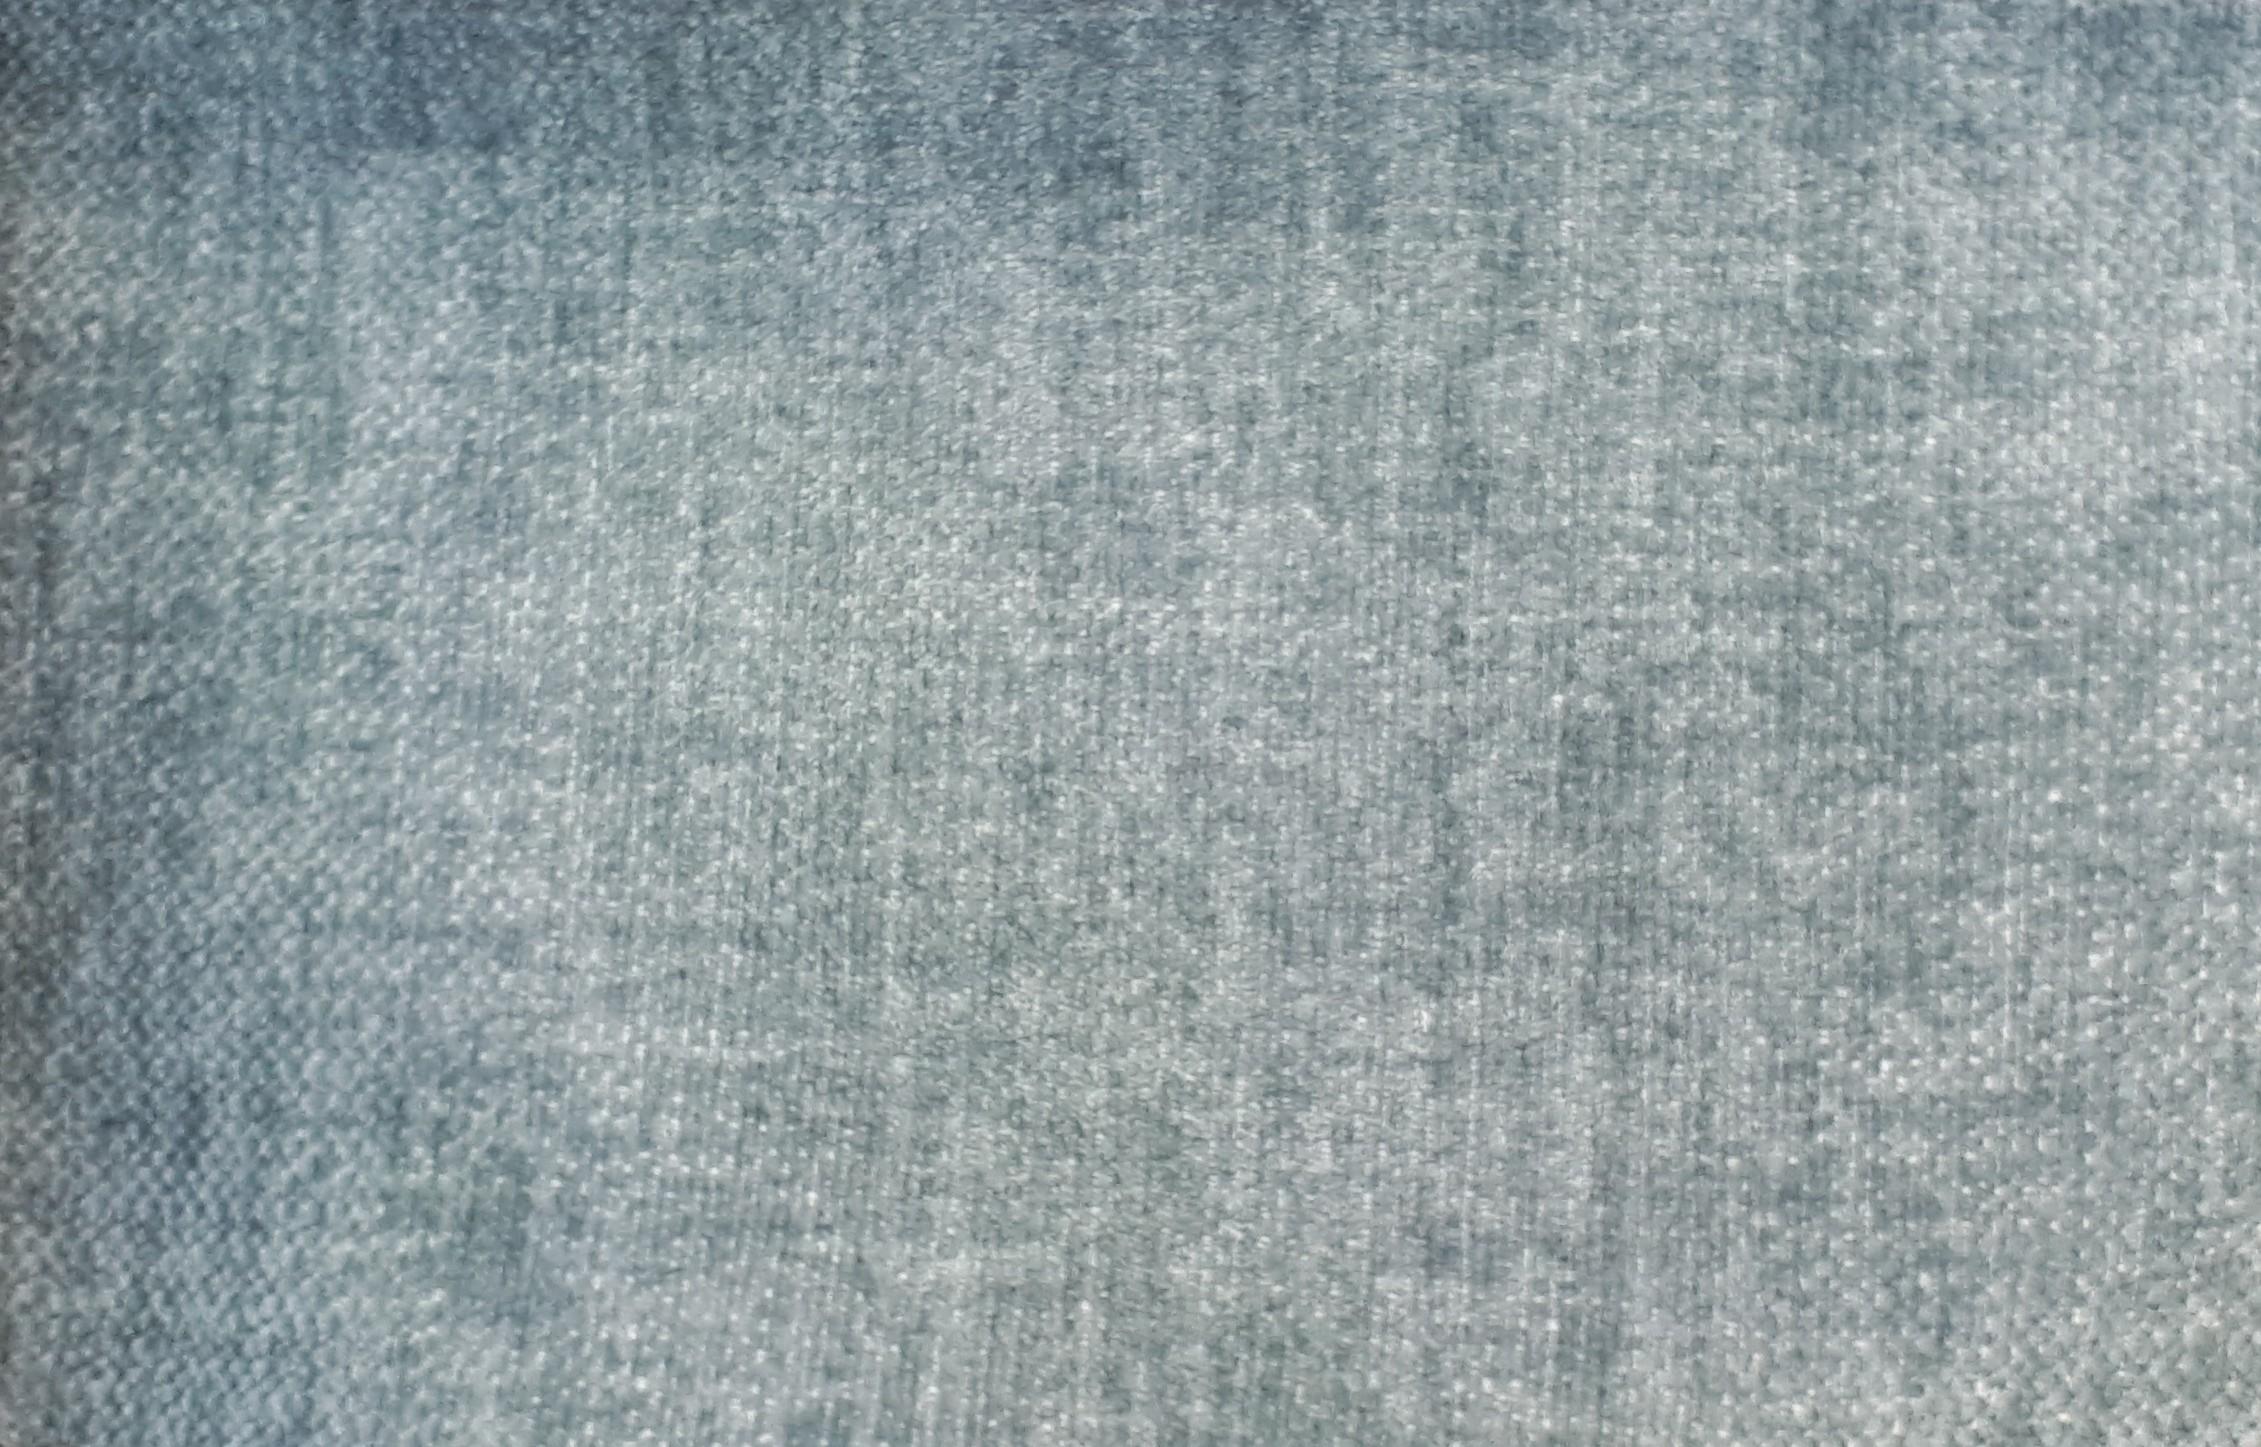 3-Bubble-eucalyptus-bleu vert-polyster/polyacrylique/viscose